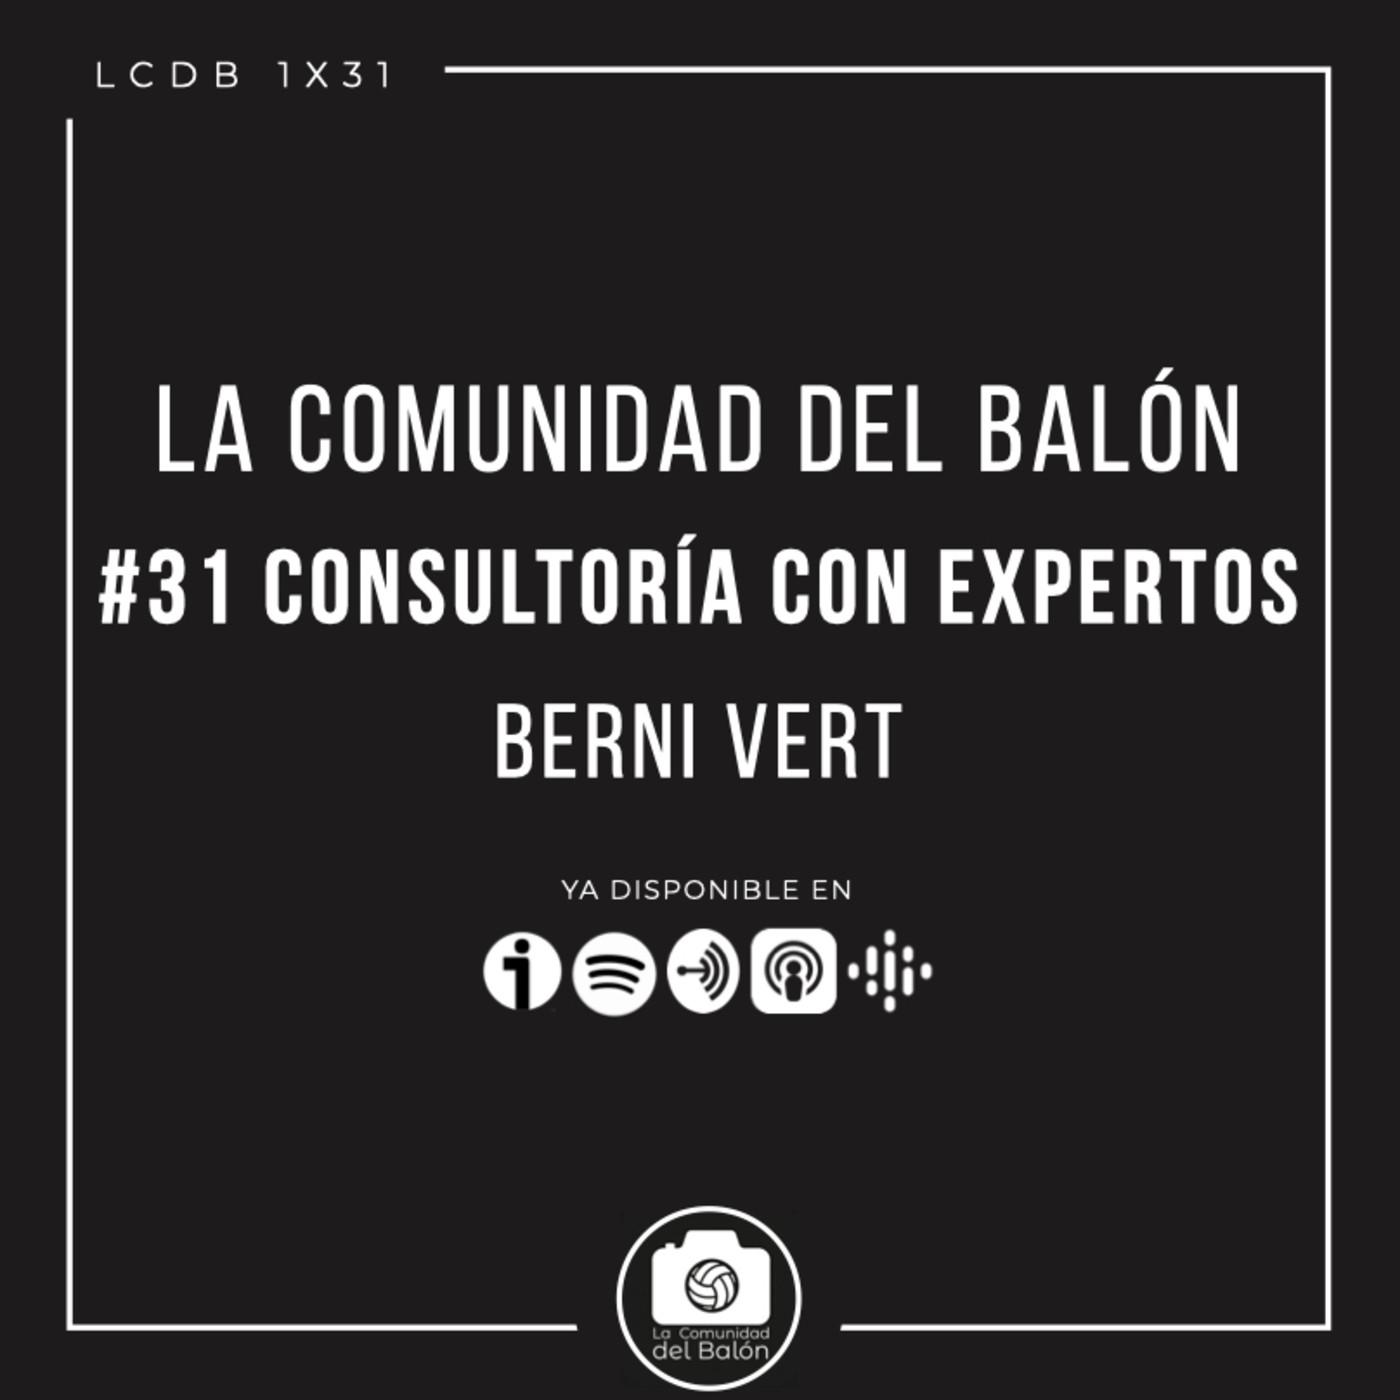 #31 Consultoría con expertos: Berni Vert